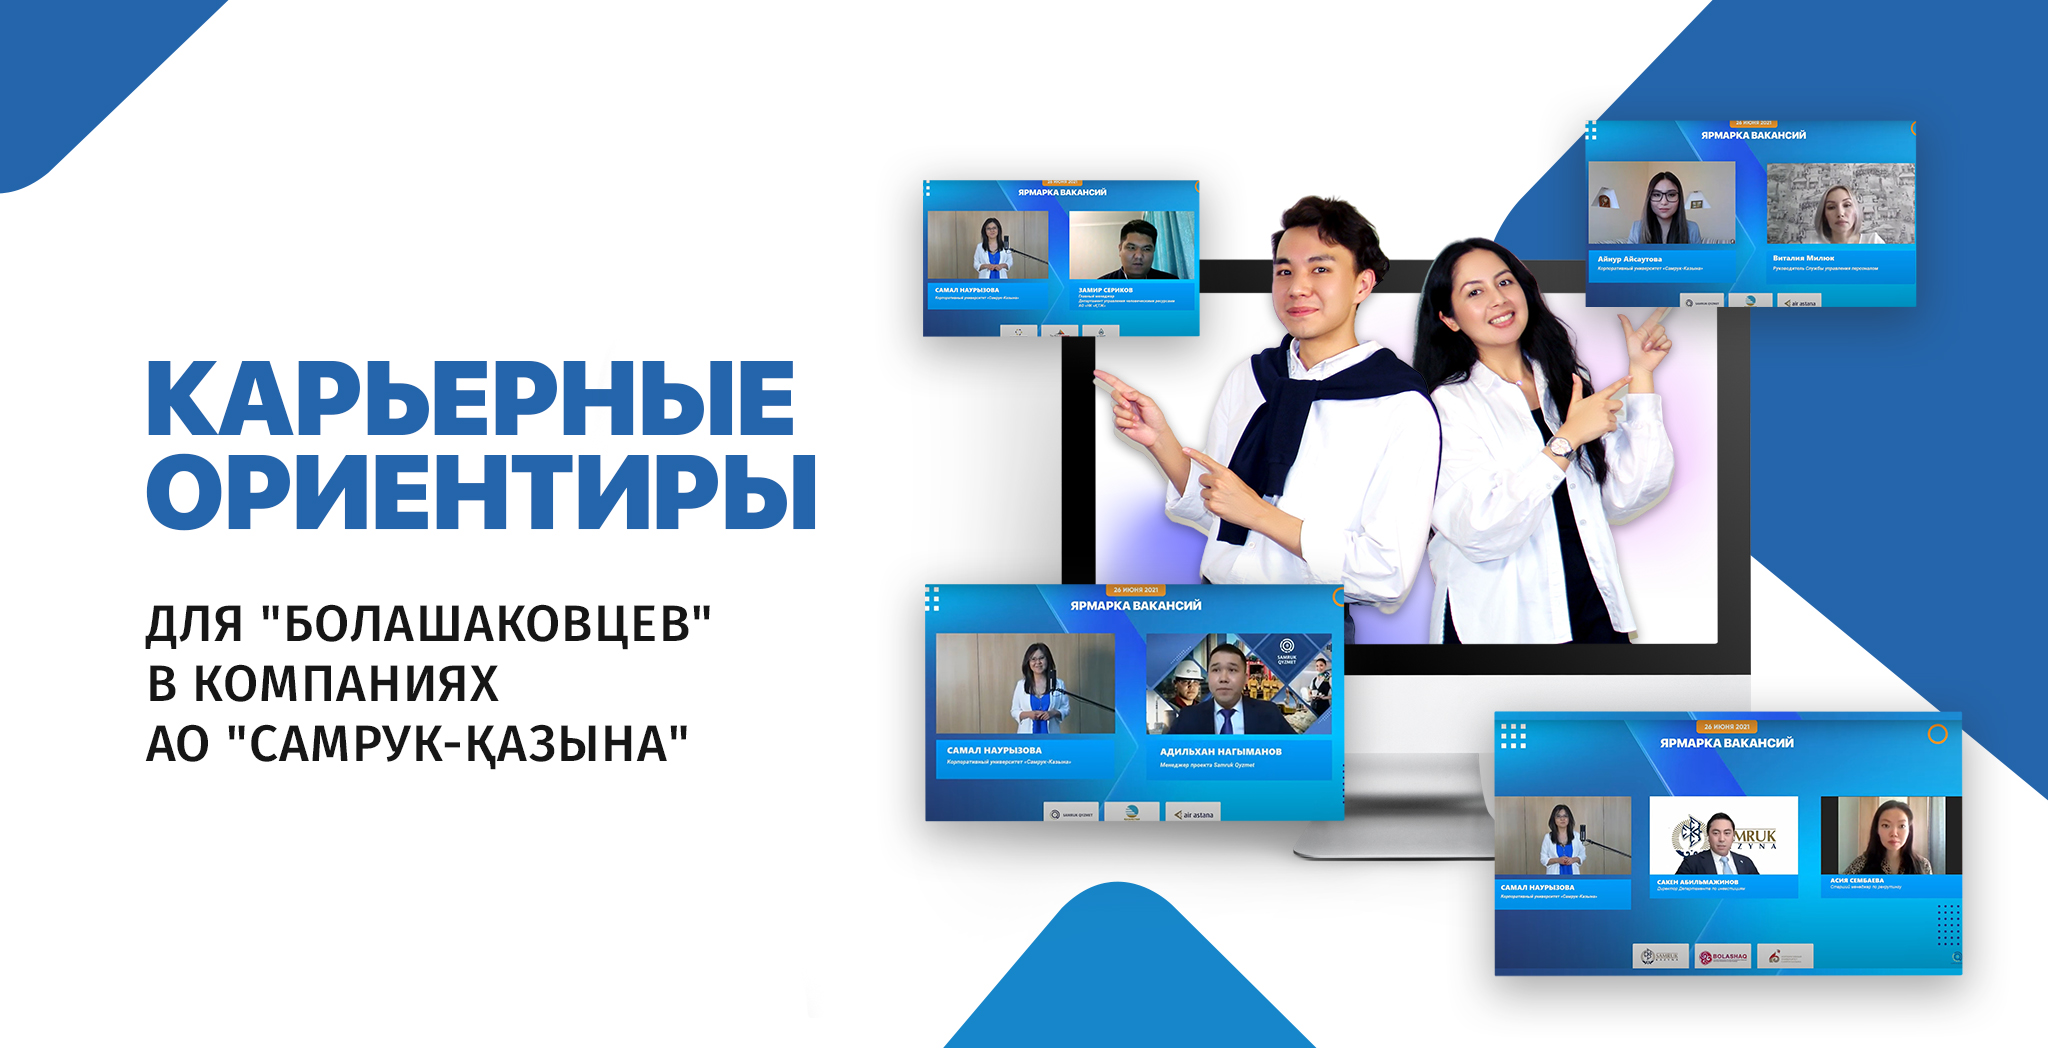 Карьерные ориентиры для болашаковцев в компаниях АО «Самрук-Казына»